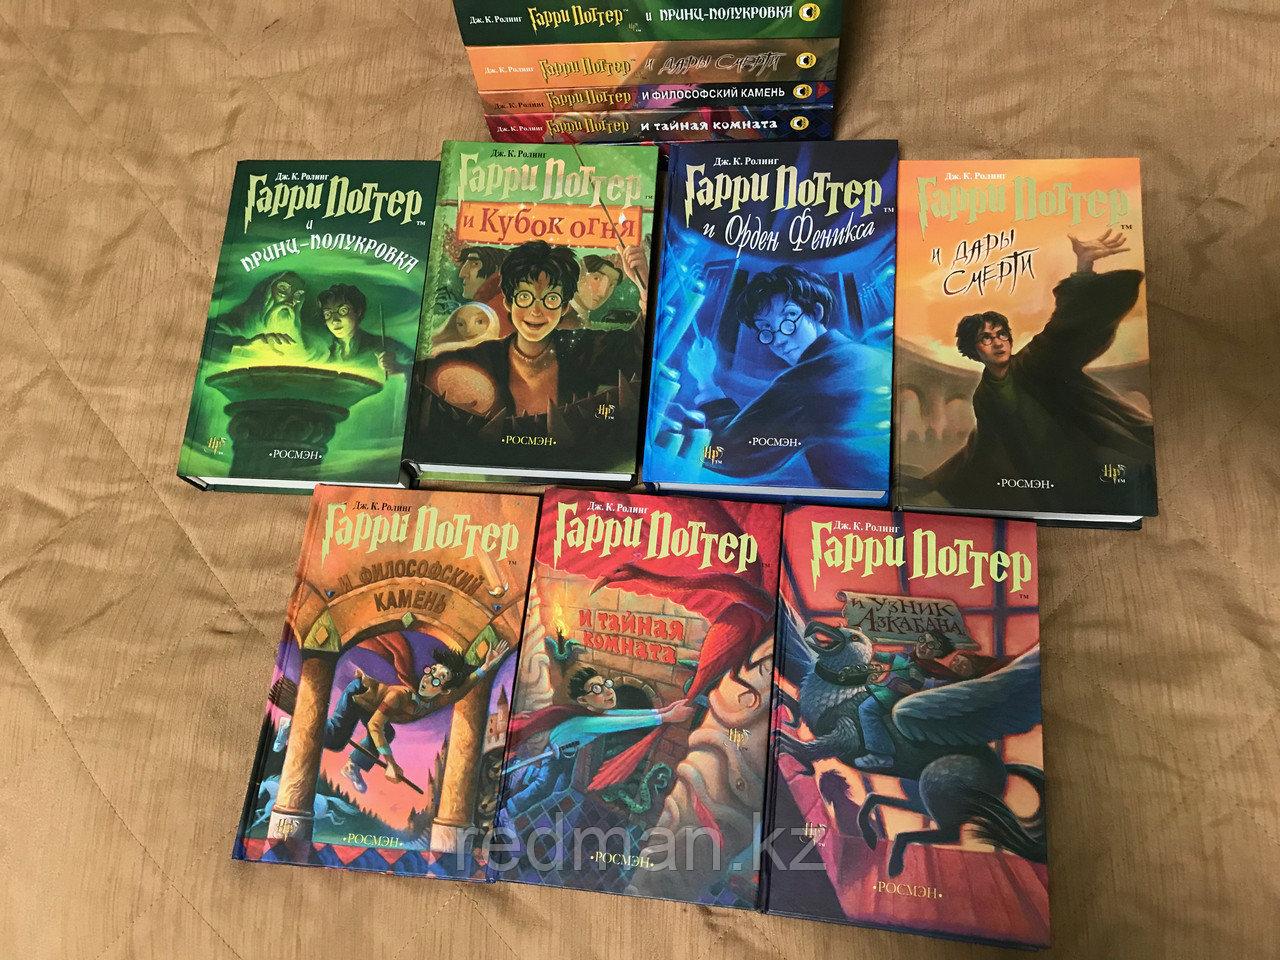 Комплект книг Гарри Поттер в переводе от Росмэн (старый перевод)